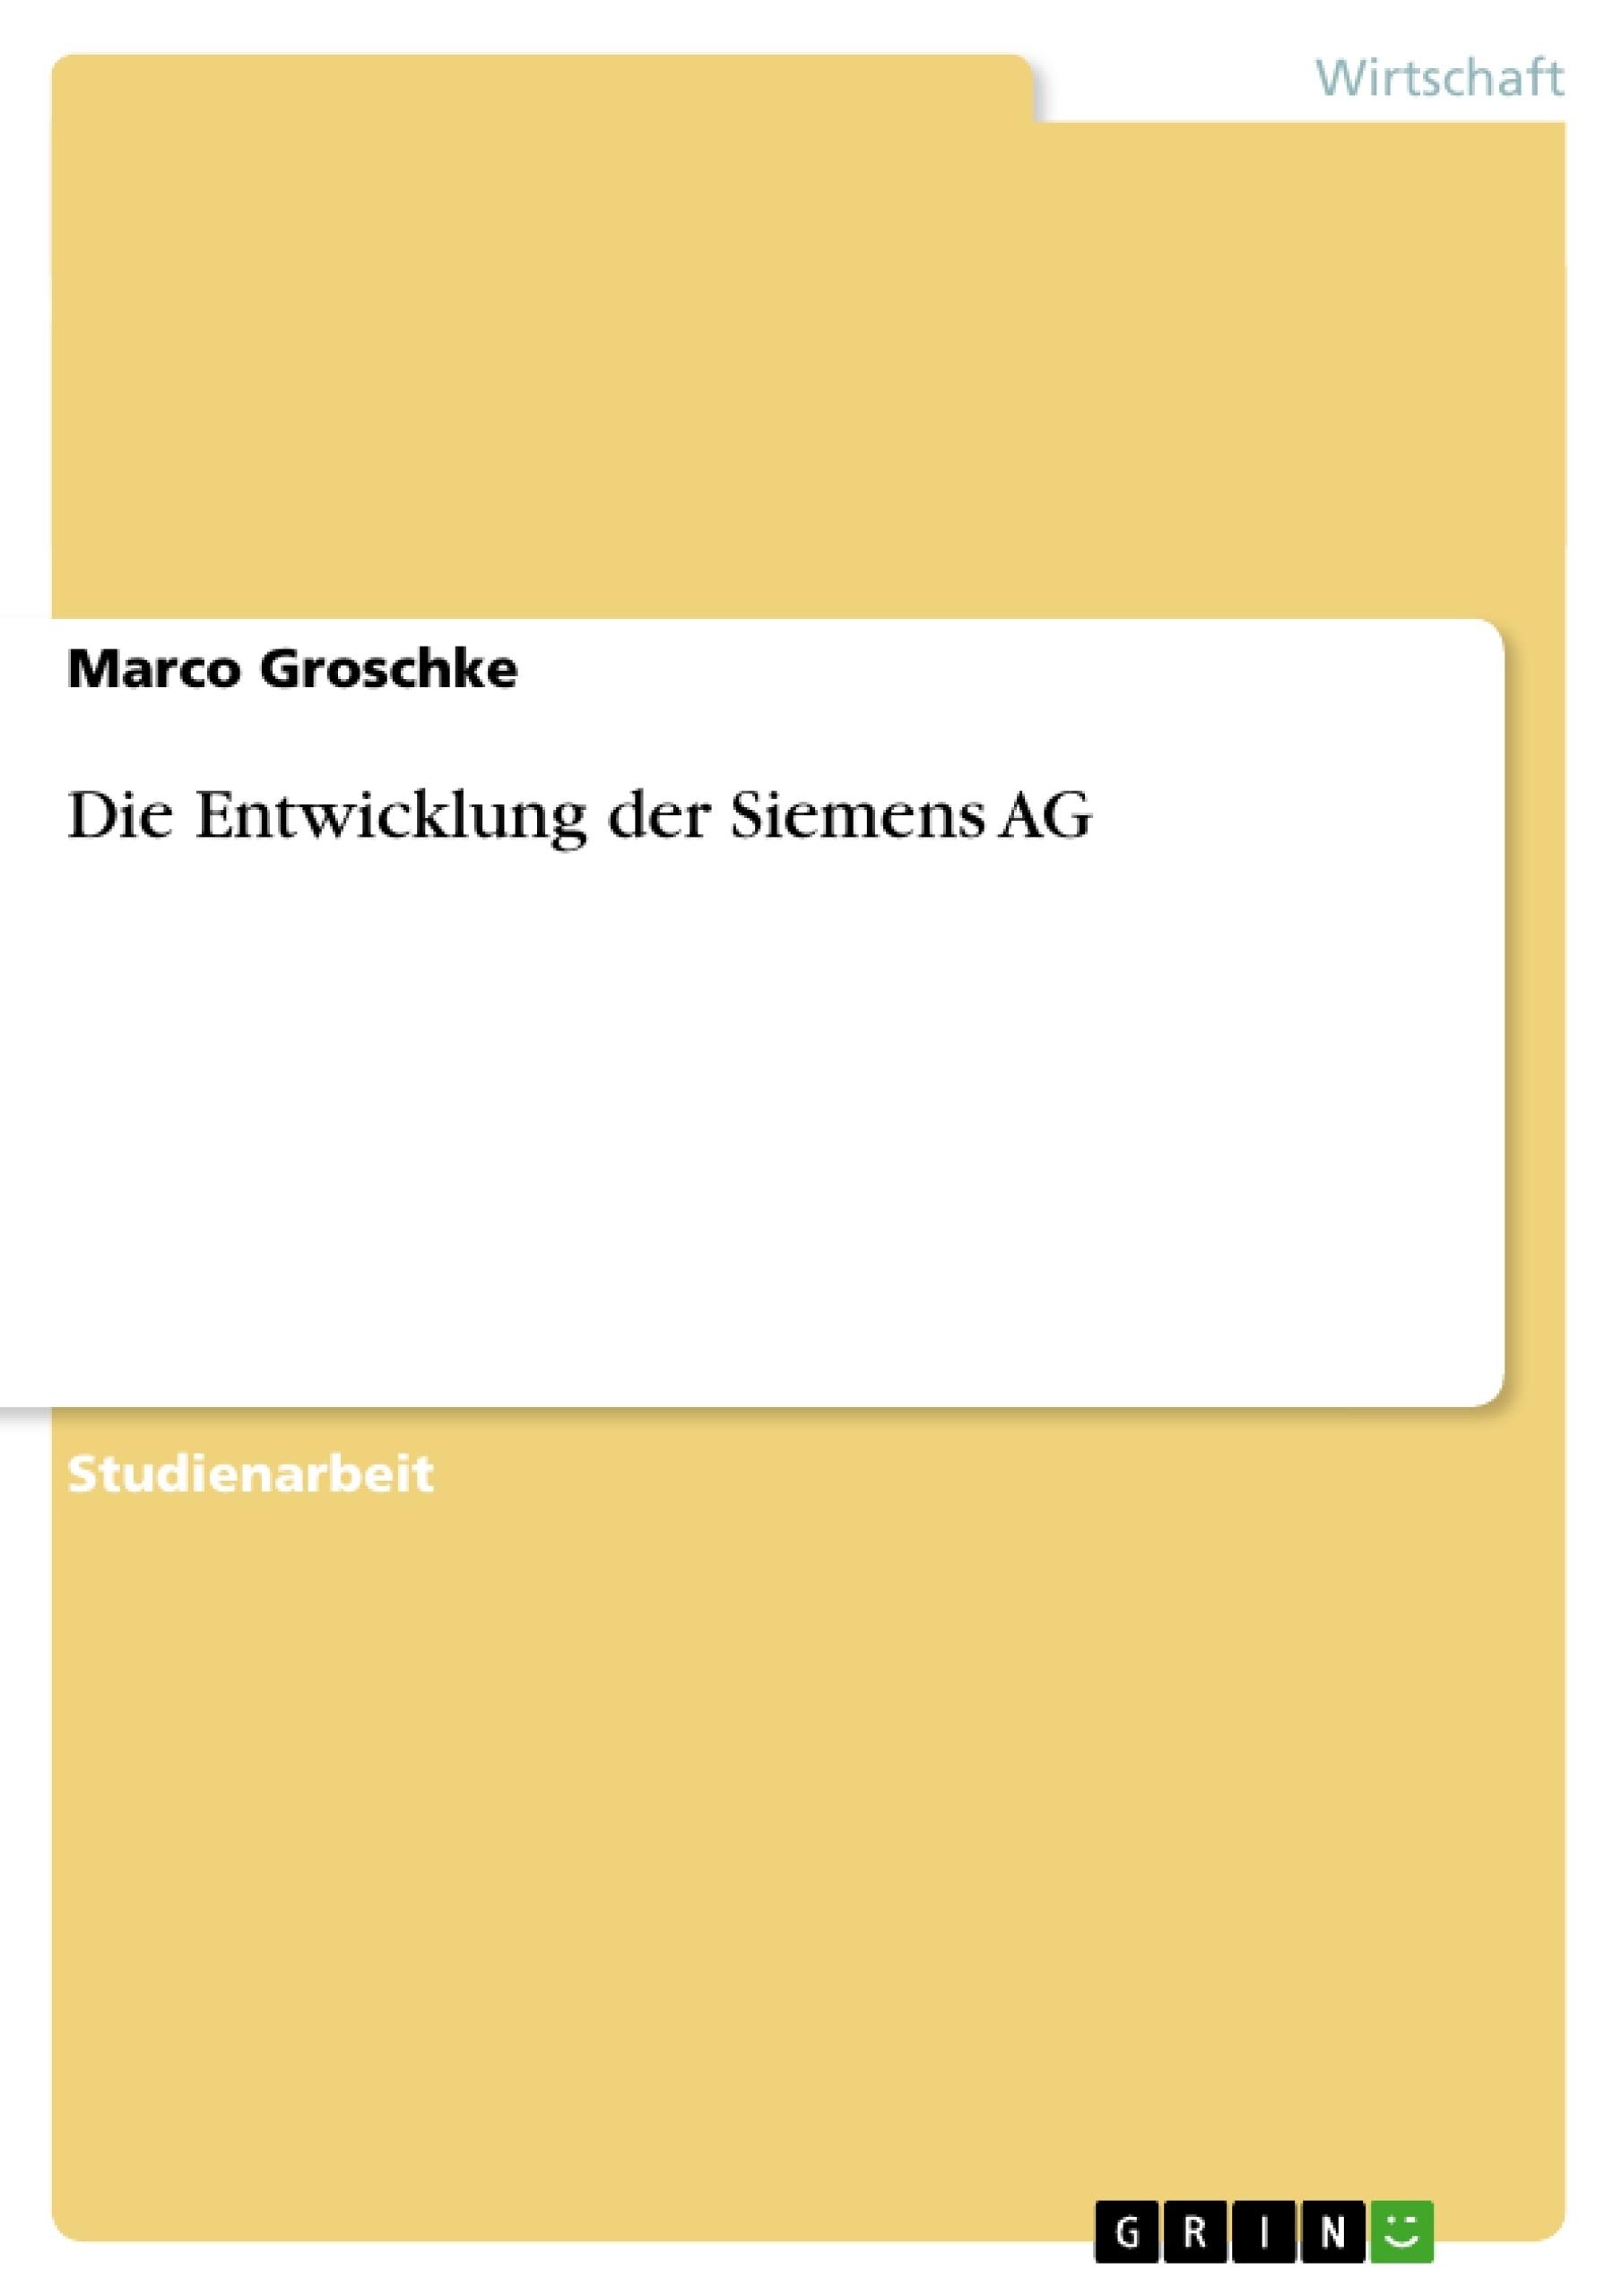 Titel: Die Entwicklung der Siemens AG